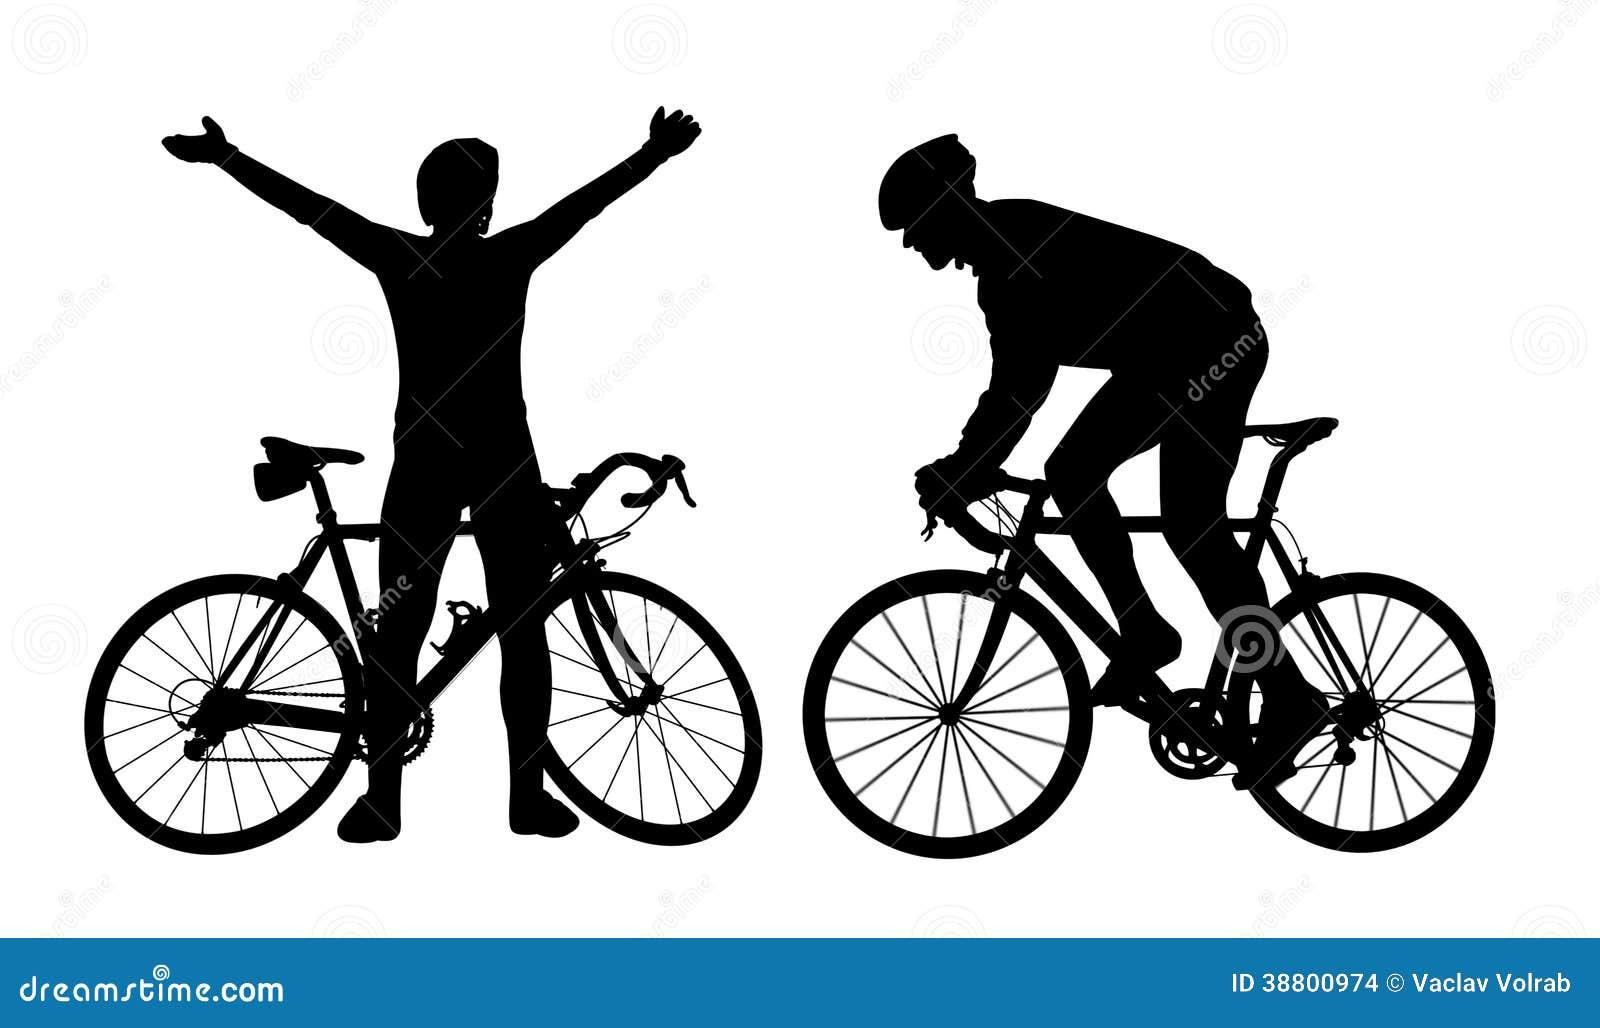 Siluetas del ciclista foto de archivo imagen de rueda - Cycliste dessin ...